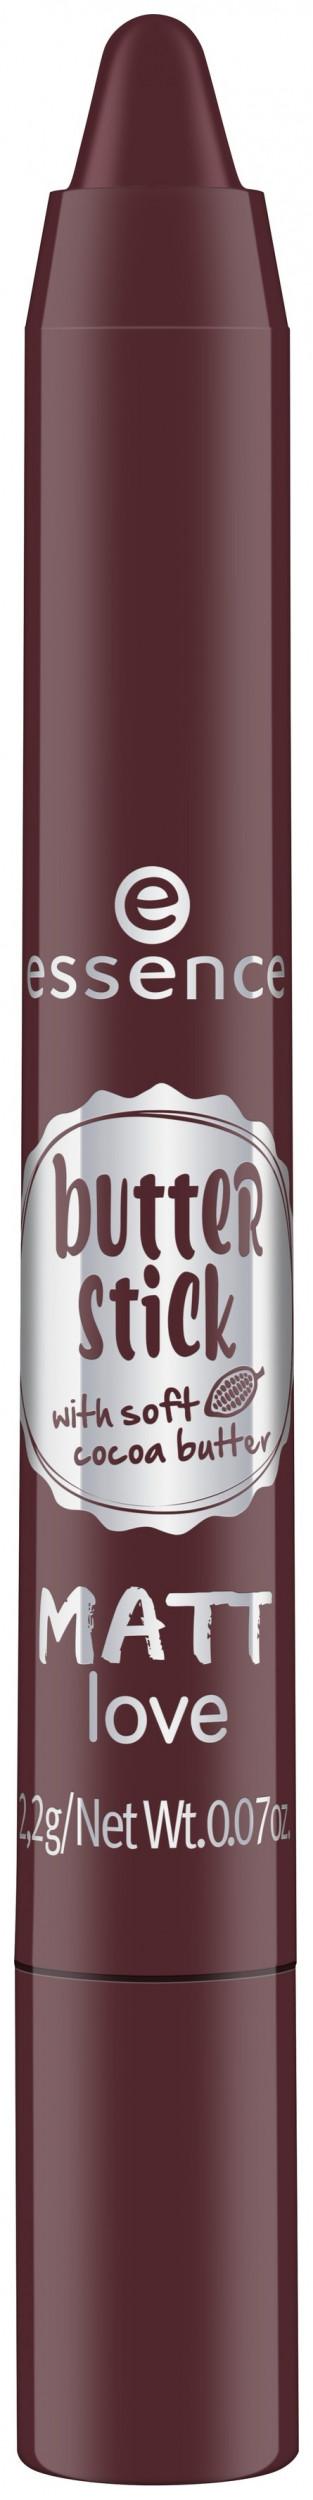 Губная помада в стике Butter stick matt love Essence